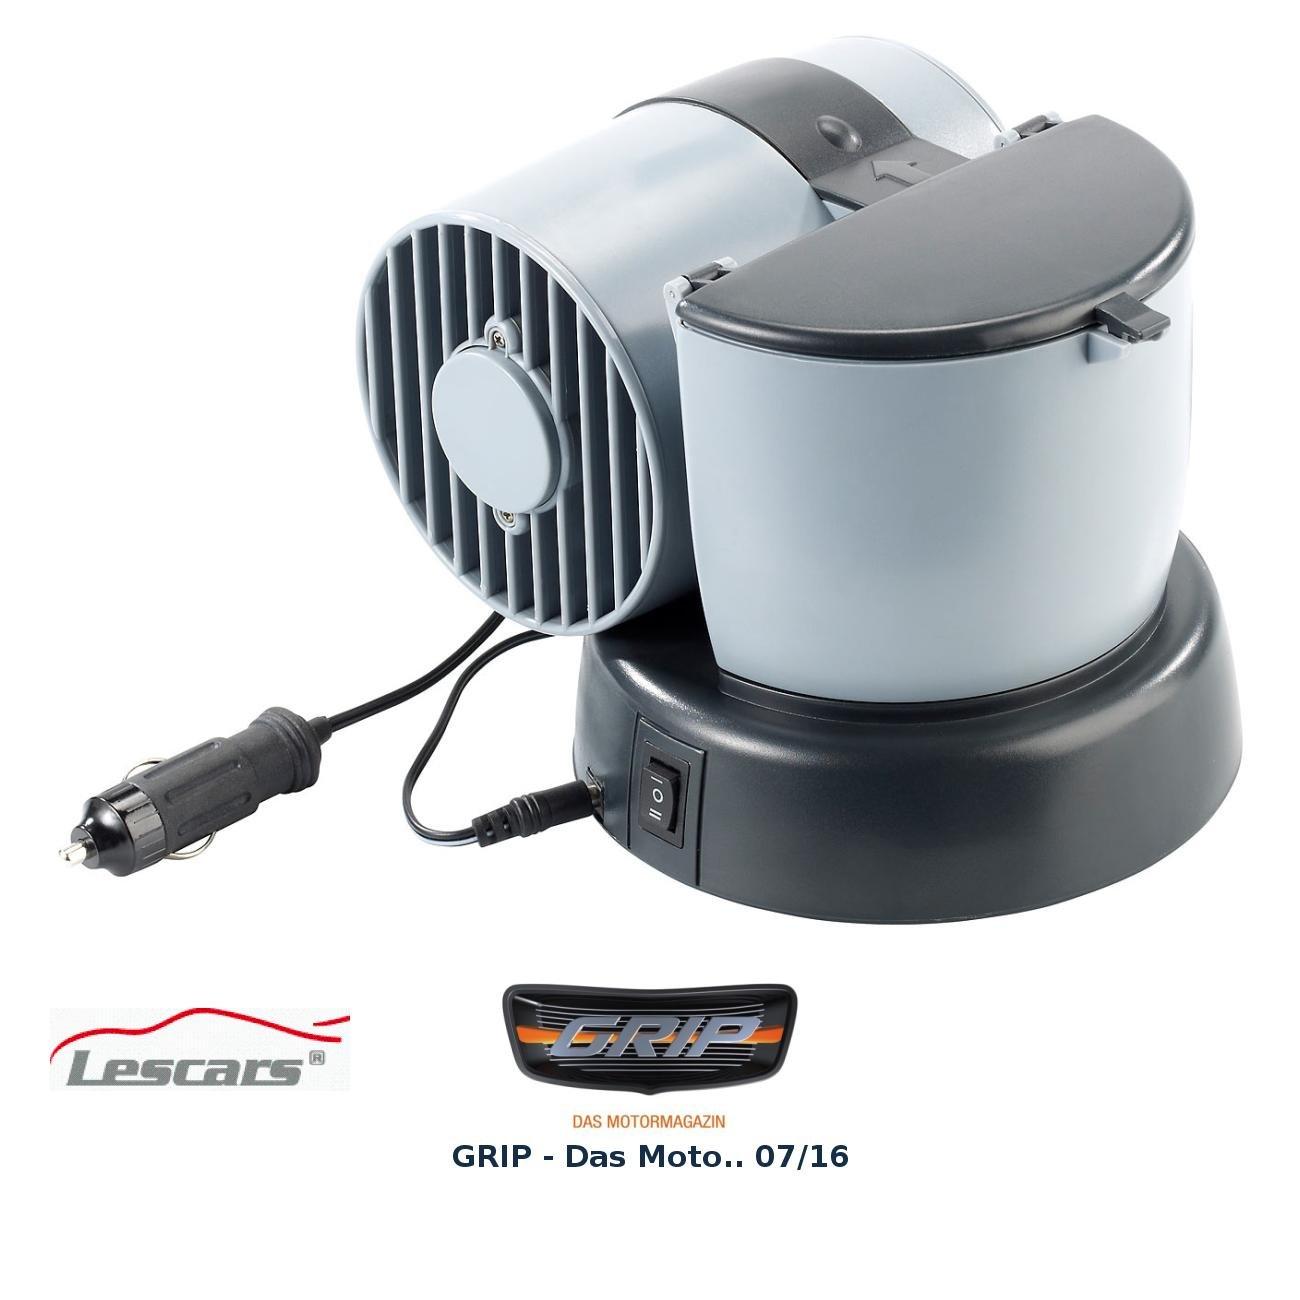 Mobiler Mini-Luftkü hler 12 V/230 V fü r Auto/Camping/Home und mehr Lescars